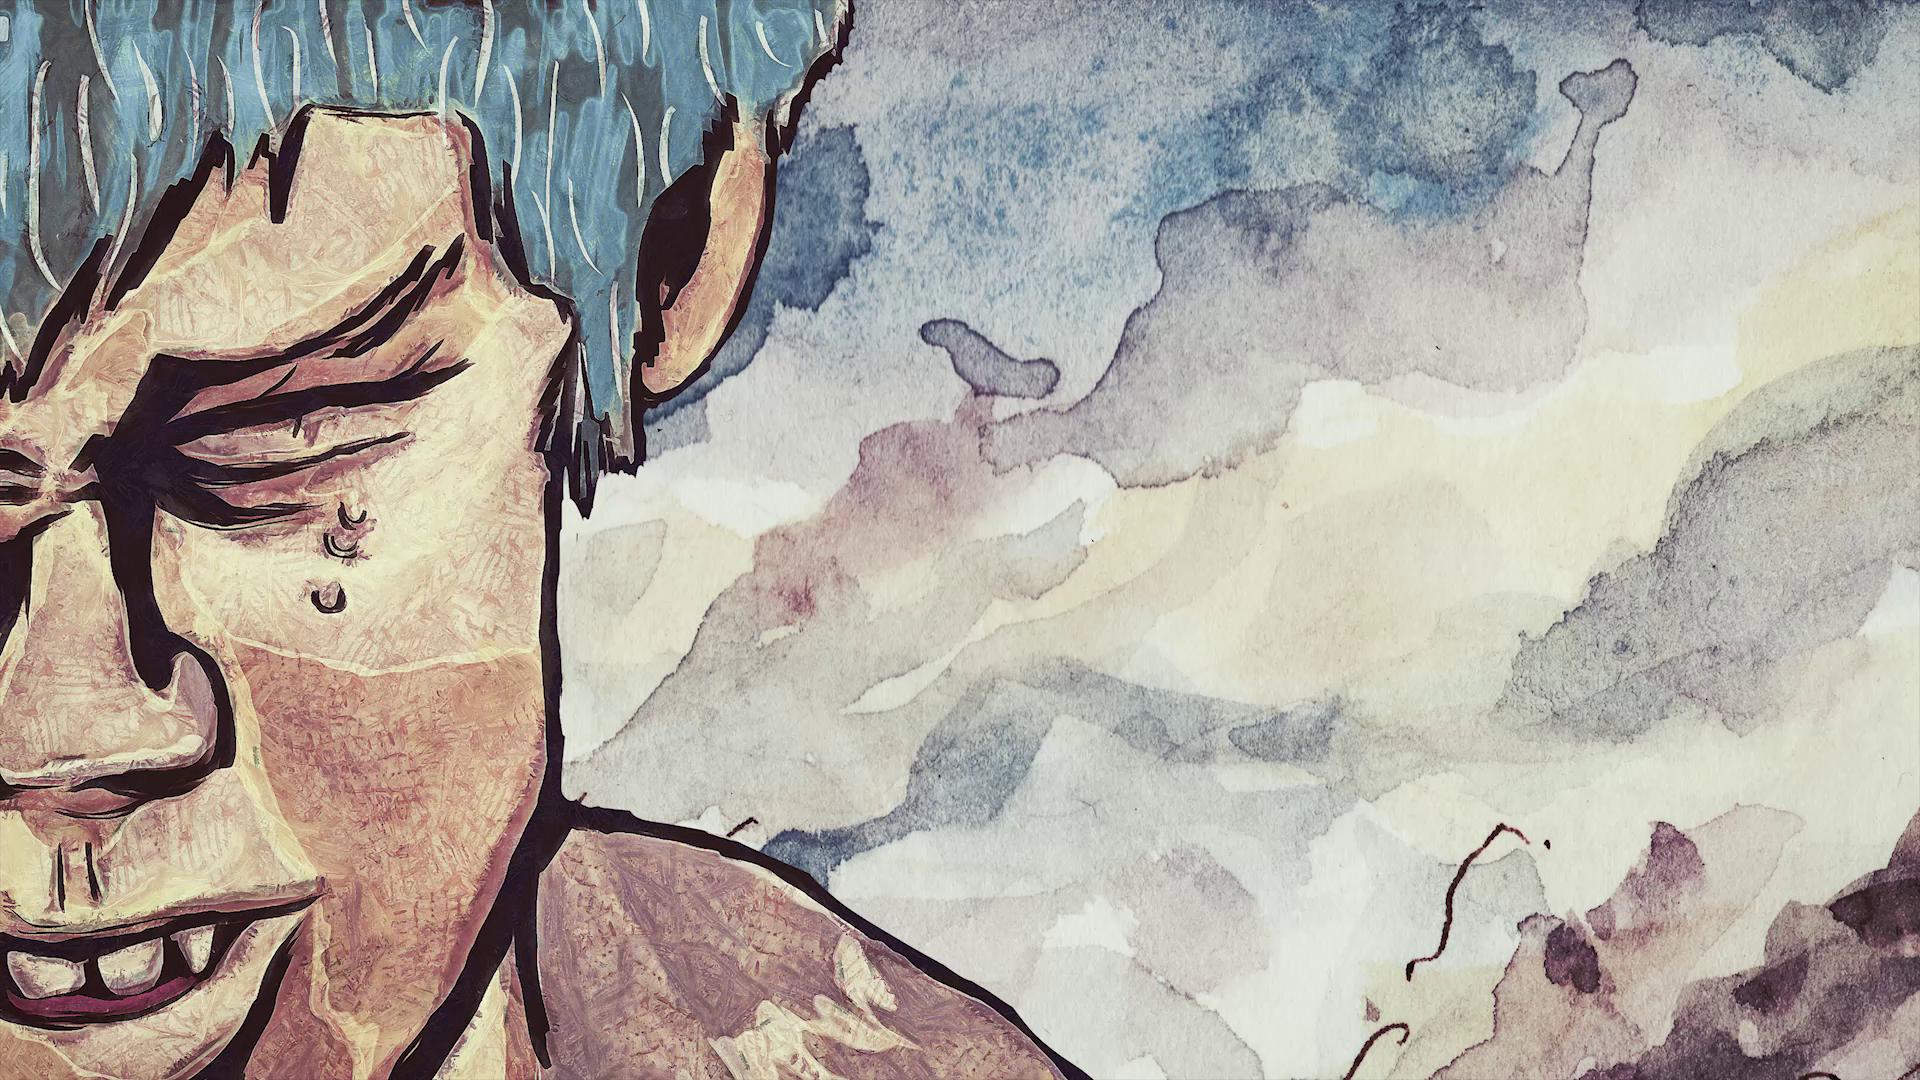 animest.15: realități paralele și povești uimitoare în cea mai amplă selecție de filme românești de până acum Animest.15: Realități paralele și povești uimitoare în cea mai amplă selecție de filme românești de până acum Candy Can